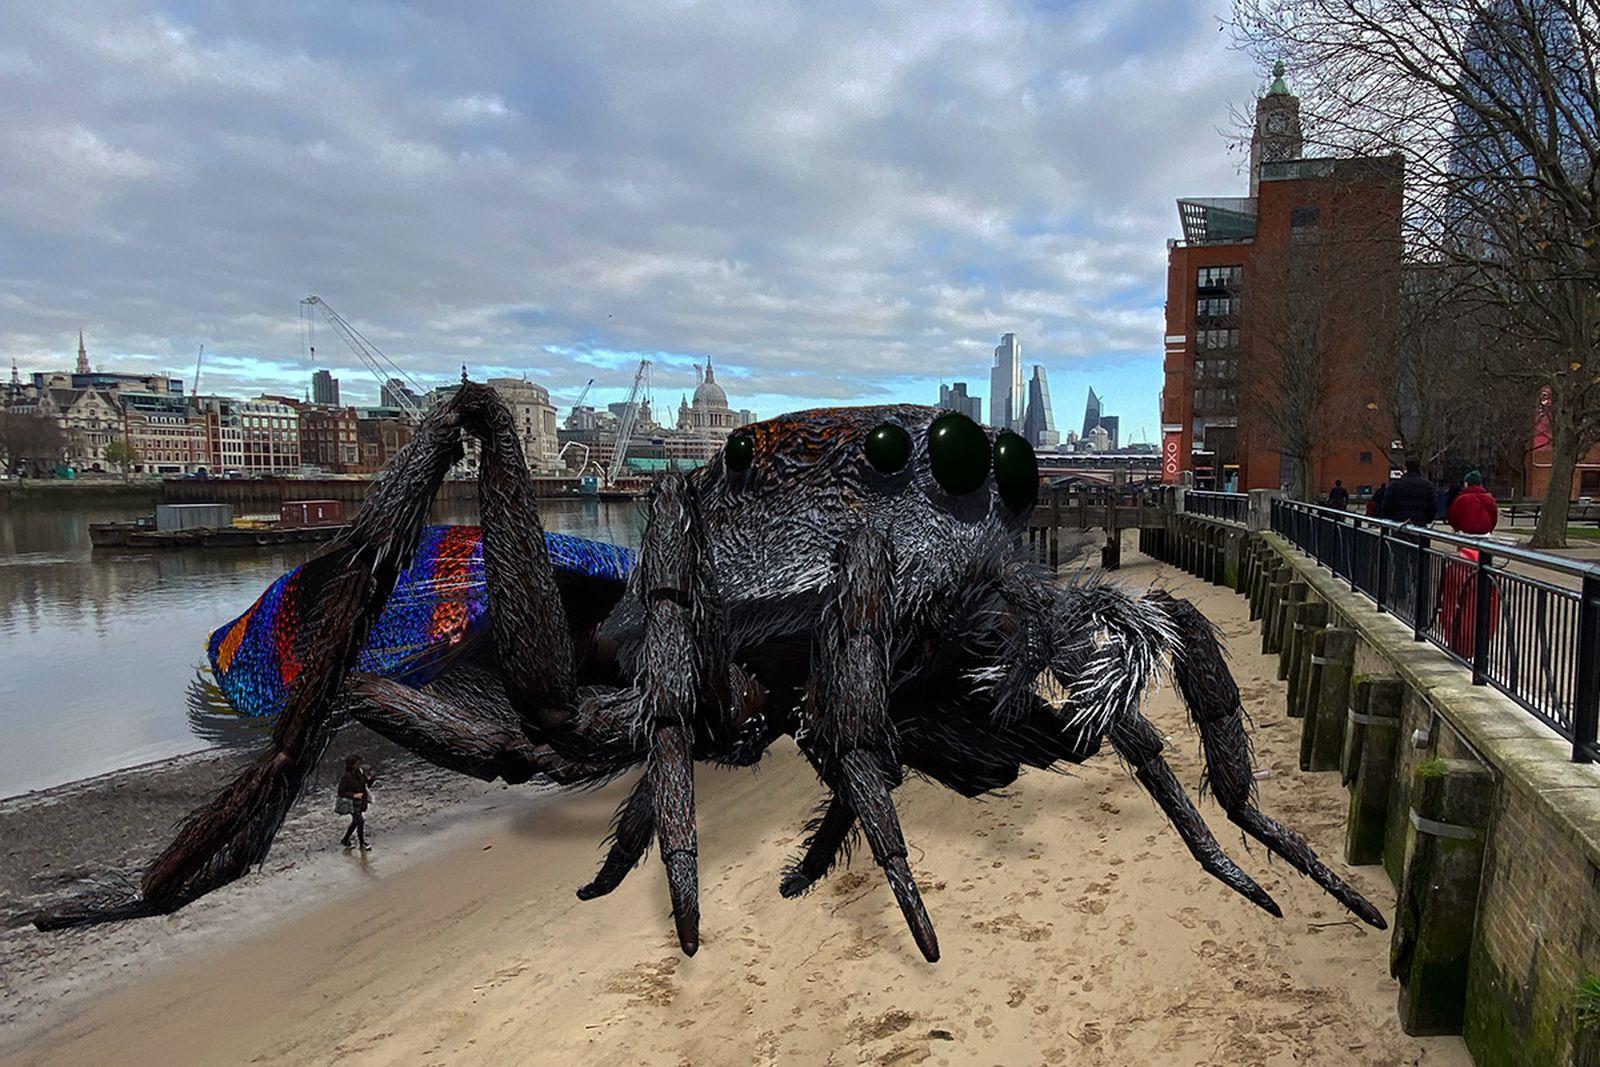 unreal-city-augmented-reality-kaws-11